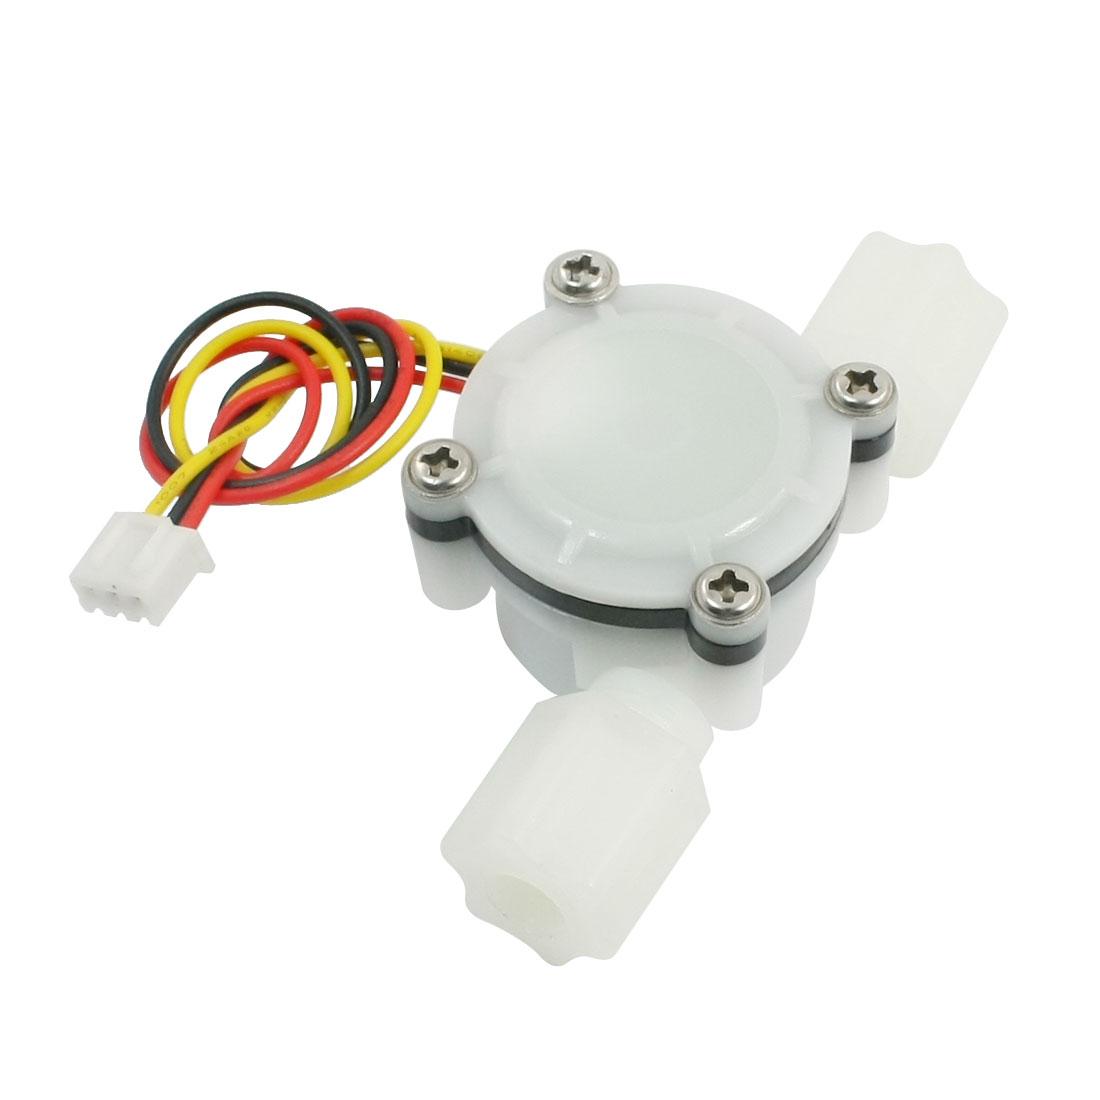 Plastic 0.3-6L/min 0.8Mpa G1/4 Male Thread Water Flow Rate Sensor Flowmeter